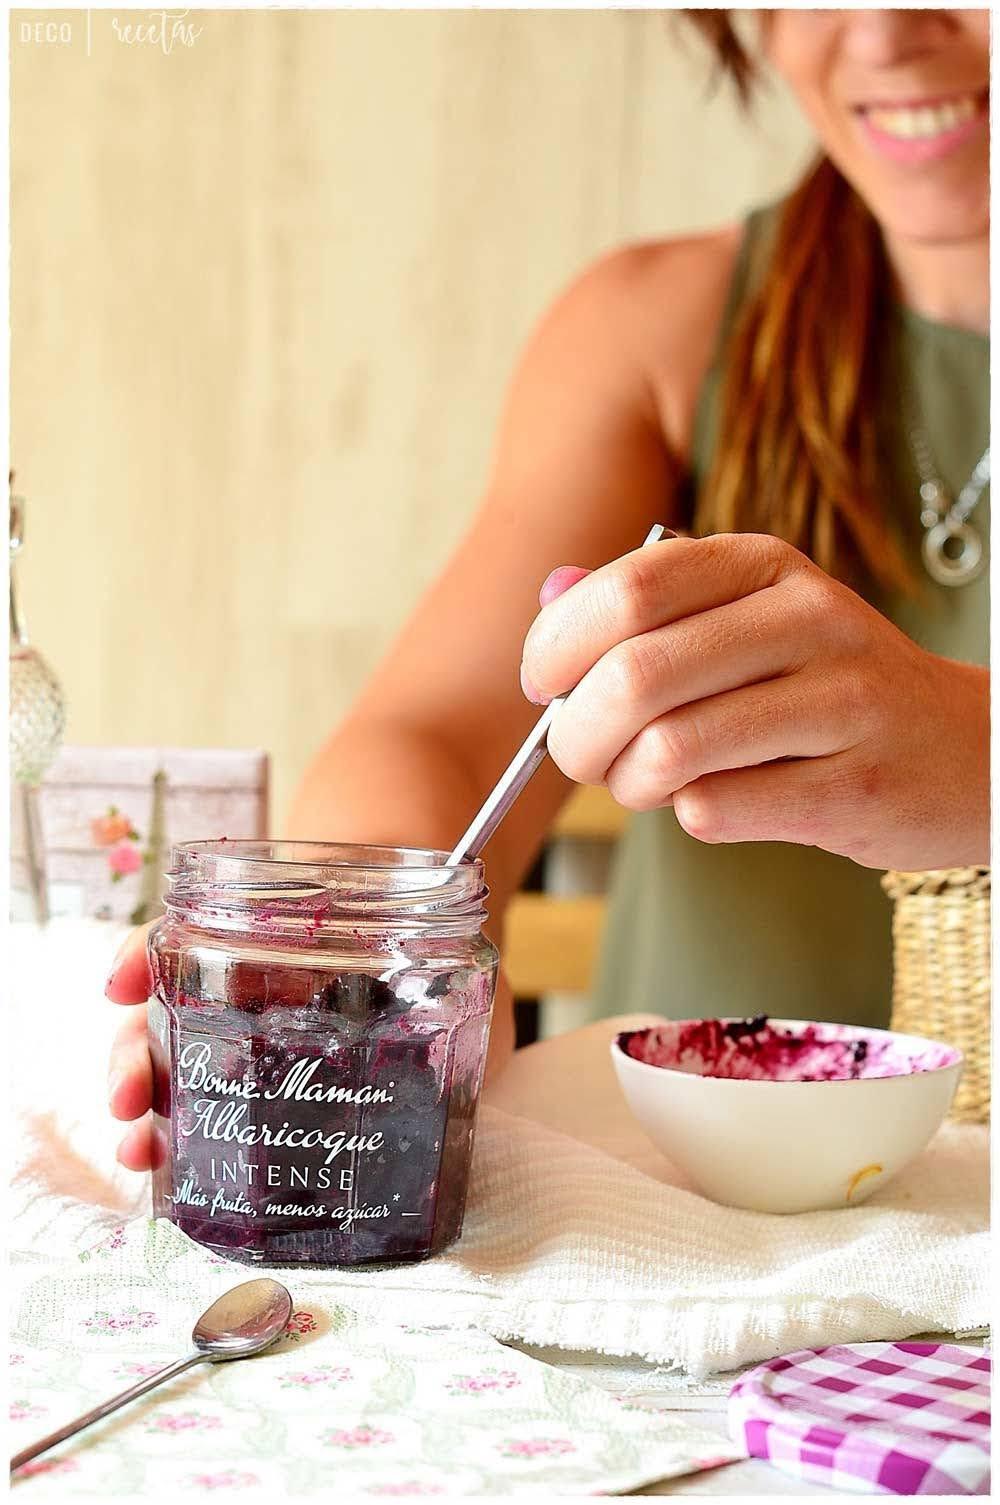 como hacer mermeladas- Mermeladas sin azúcar con 3 ingredientes en casa